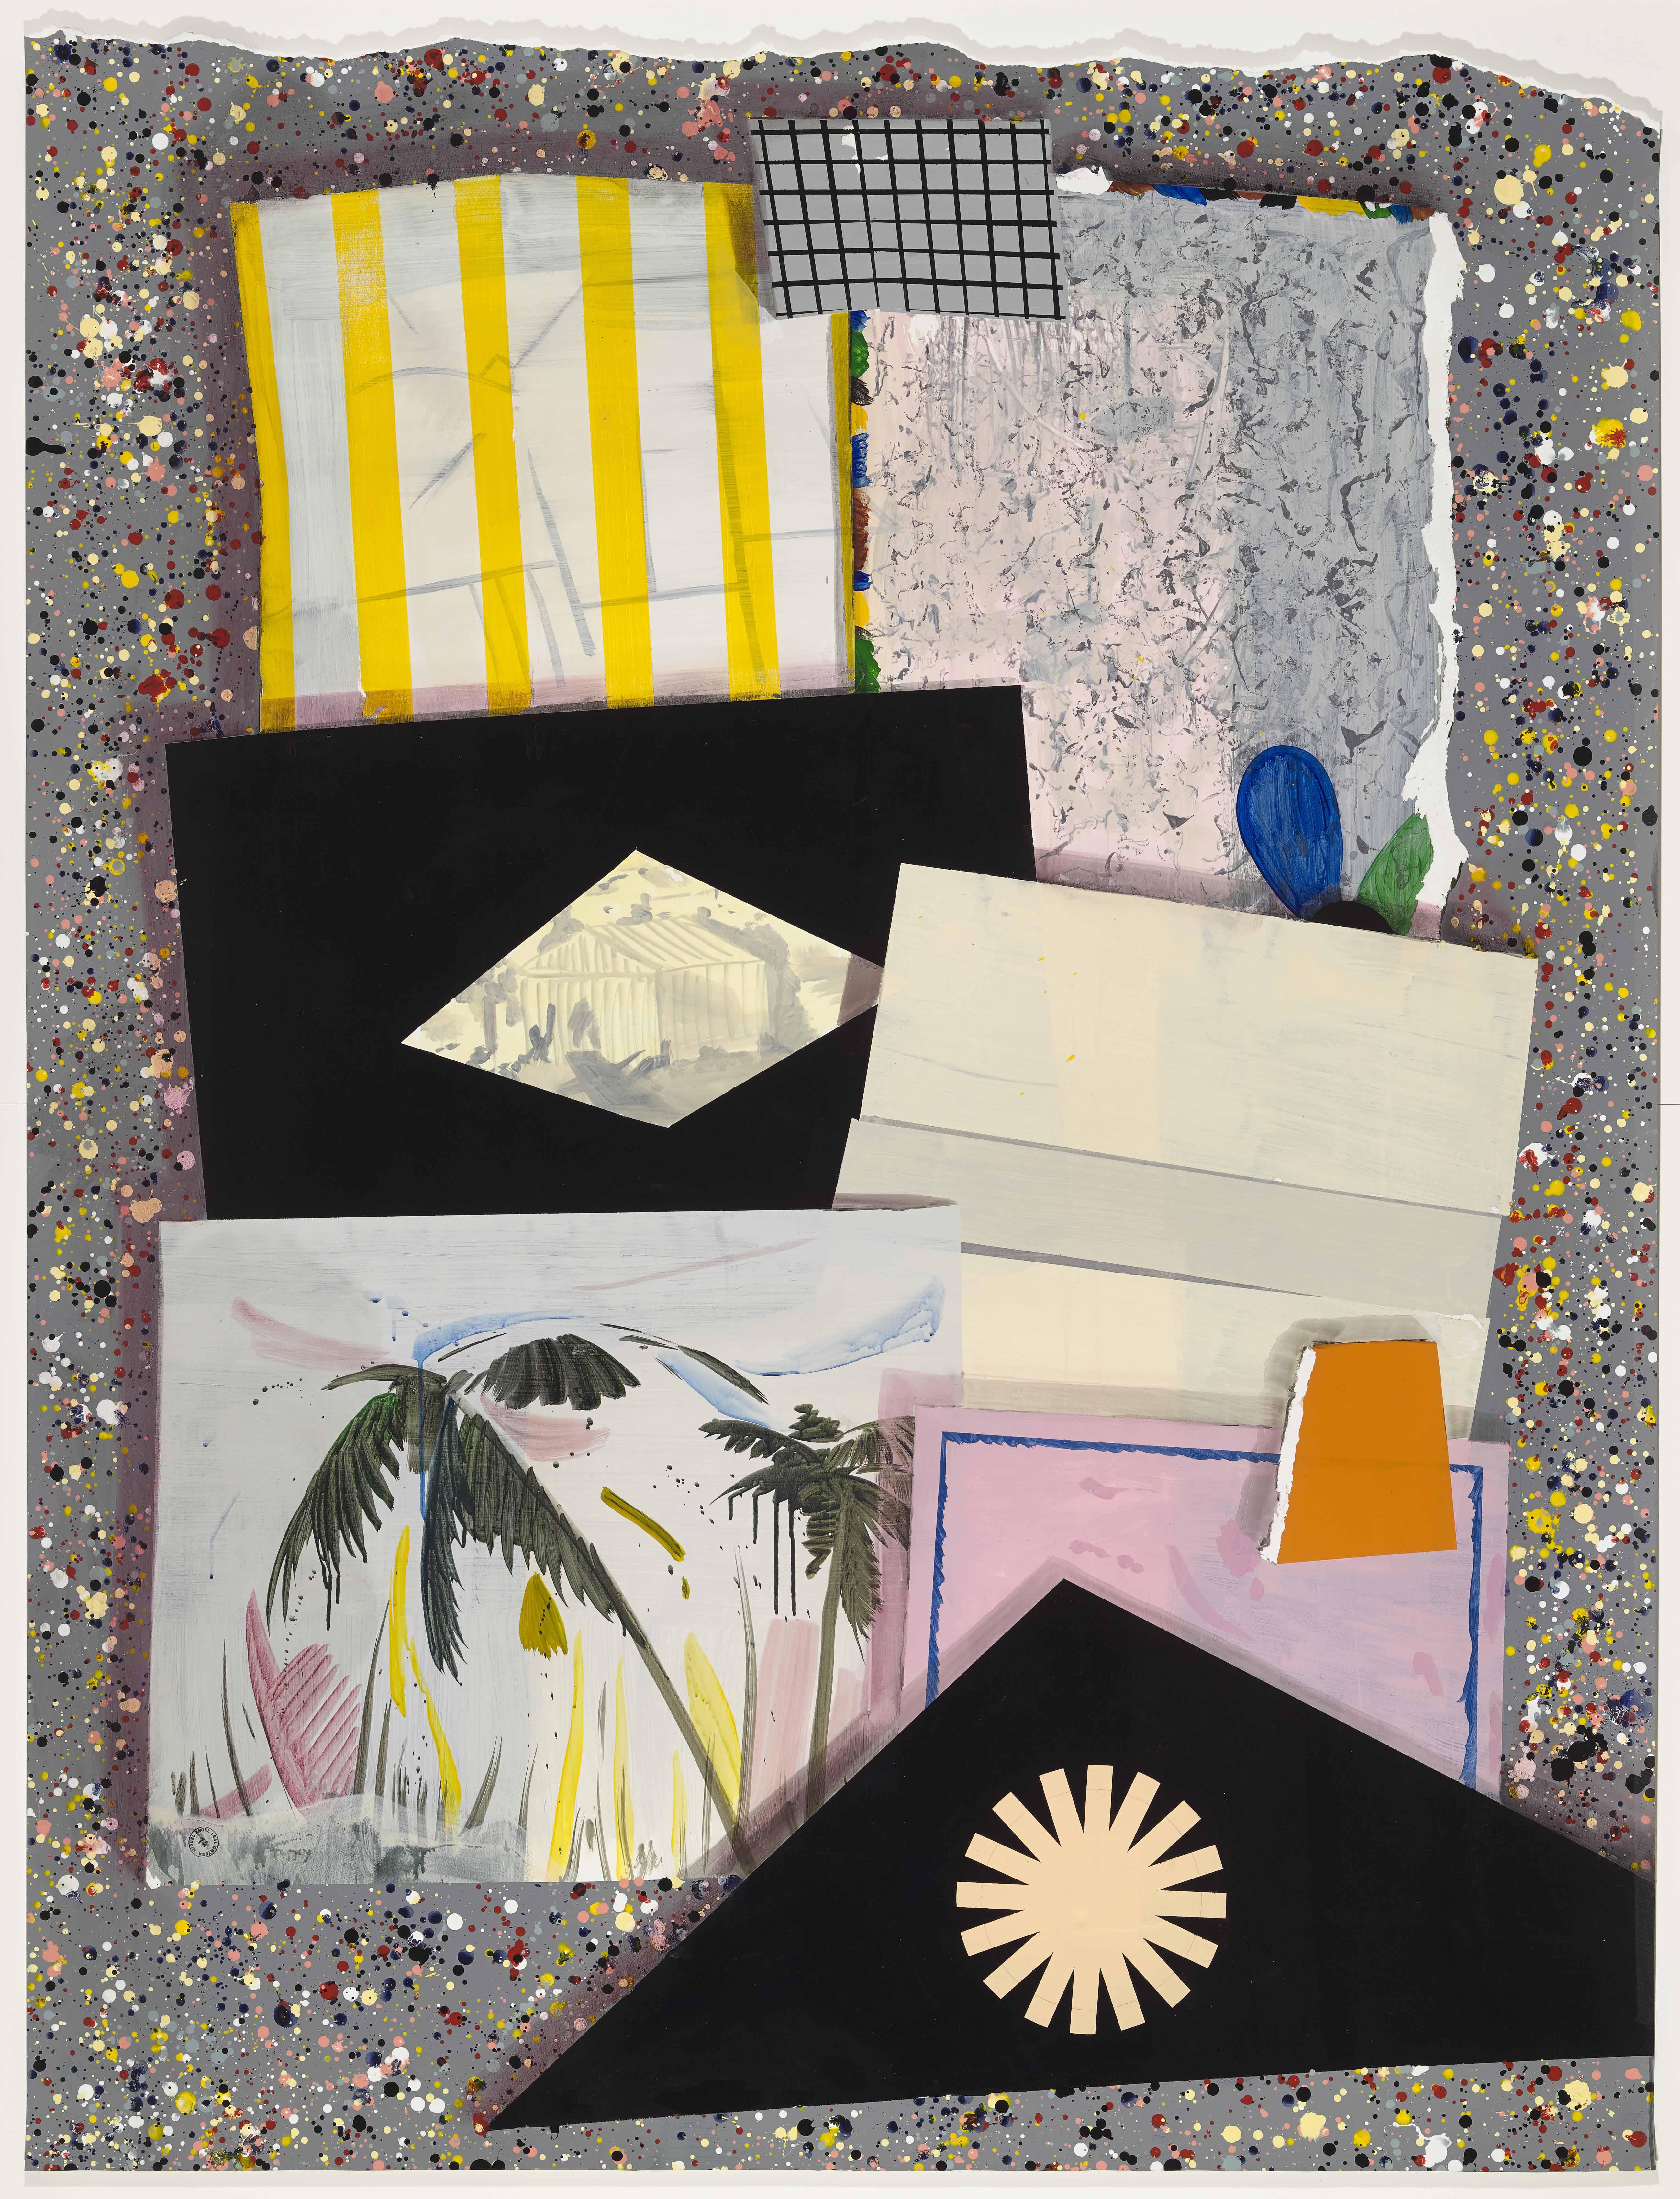 Miki-Leal-En-el-estudio-Ganador-Premio-de-Pintura-copy